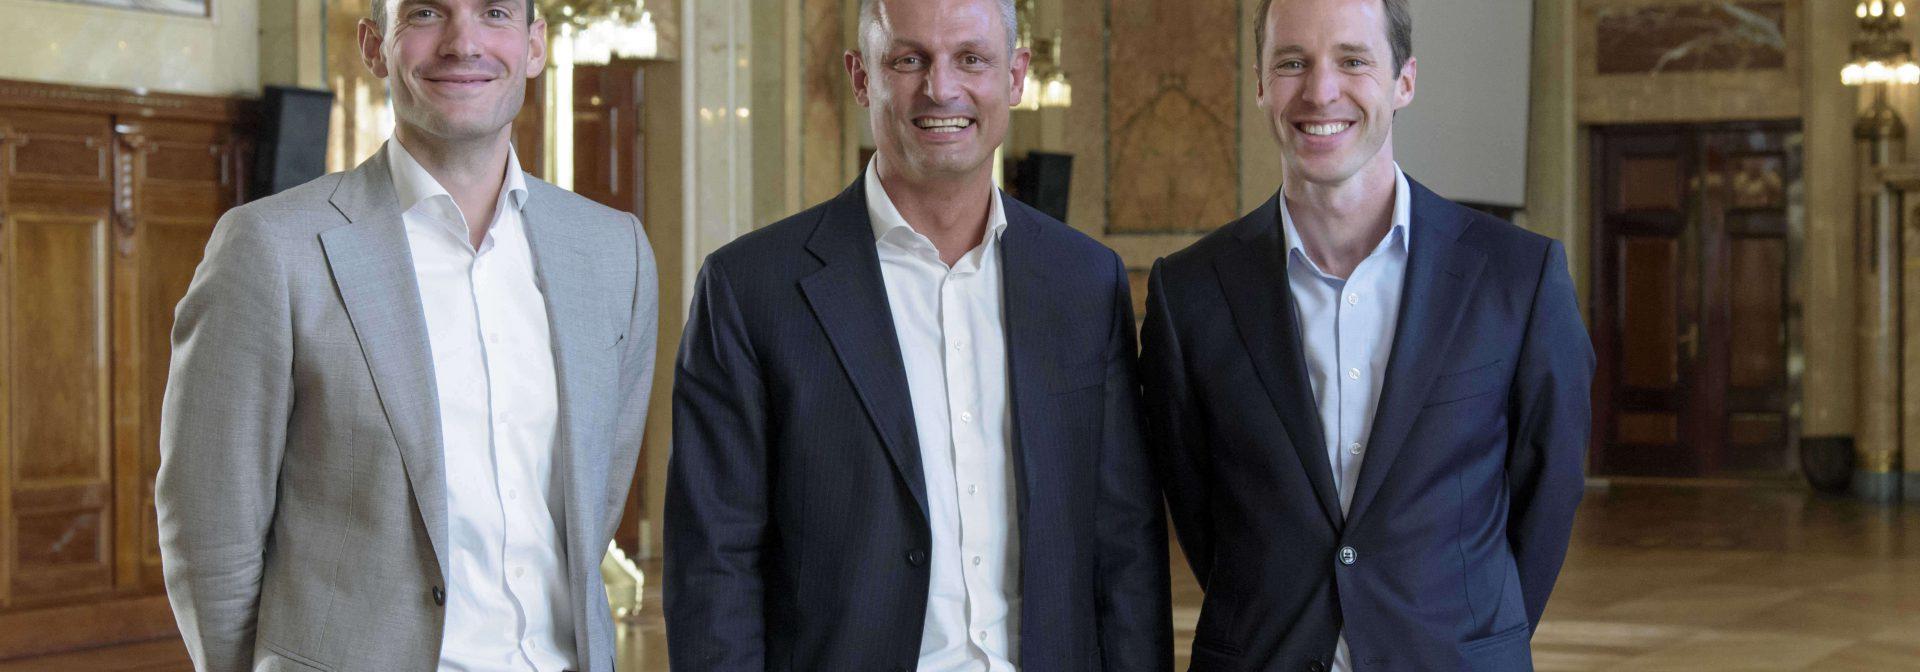 rotterdamse ondernemersprijs